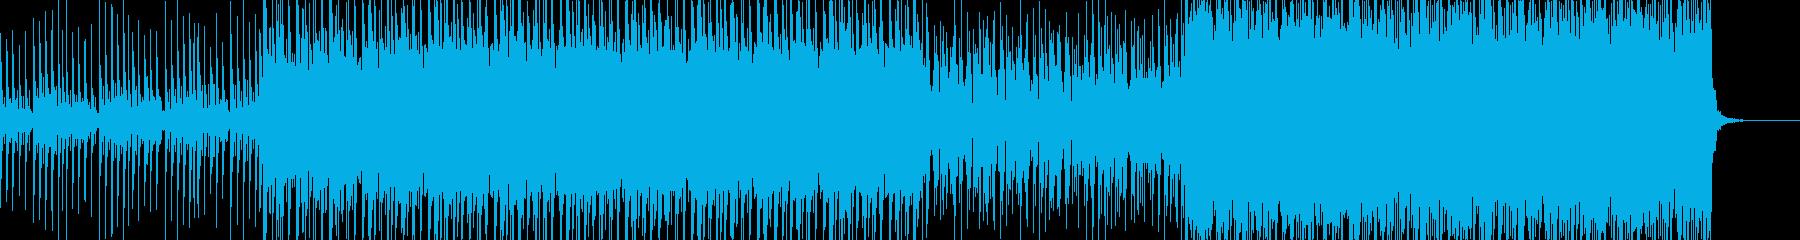 シリアスな緊迫感ただようシーンのBGMにの再生済みの波形